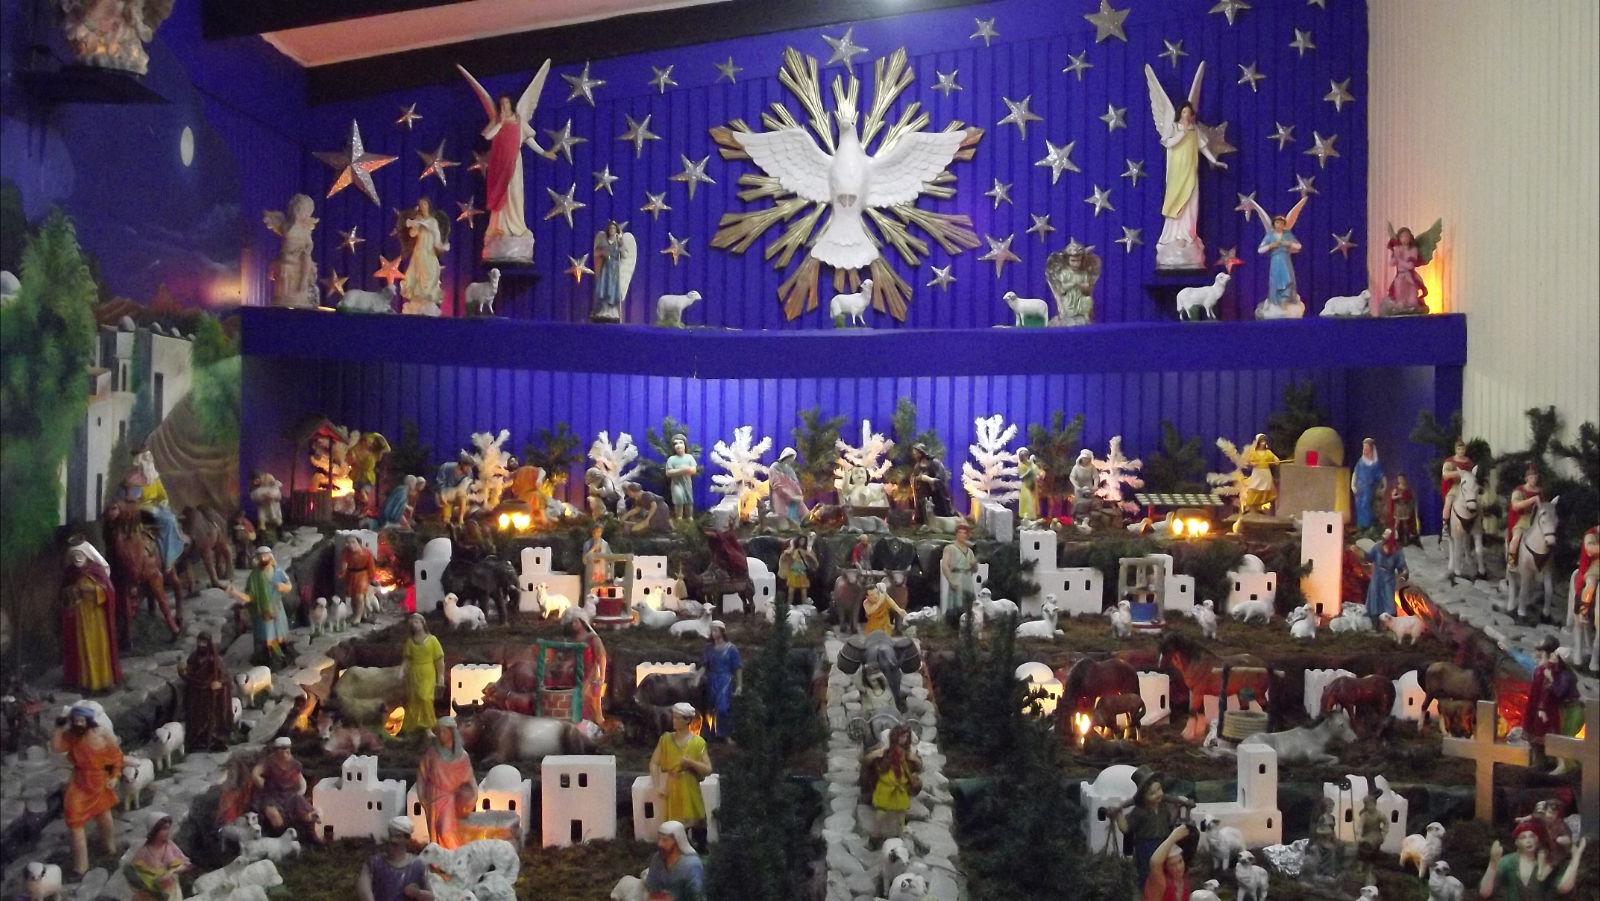 Nacimiento hogare o visitable de mois s absalon el blog - Cosas originales para navidad ...